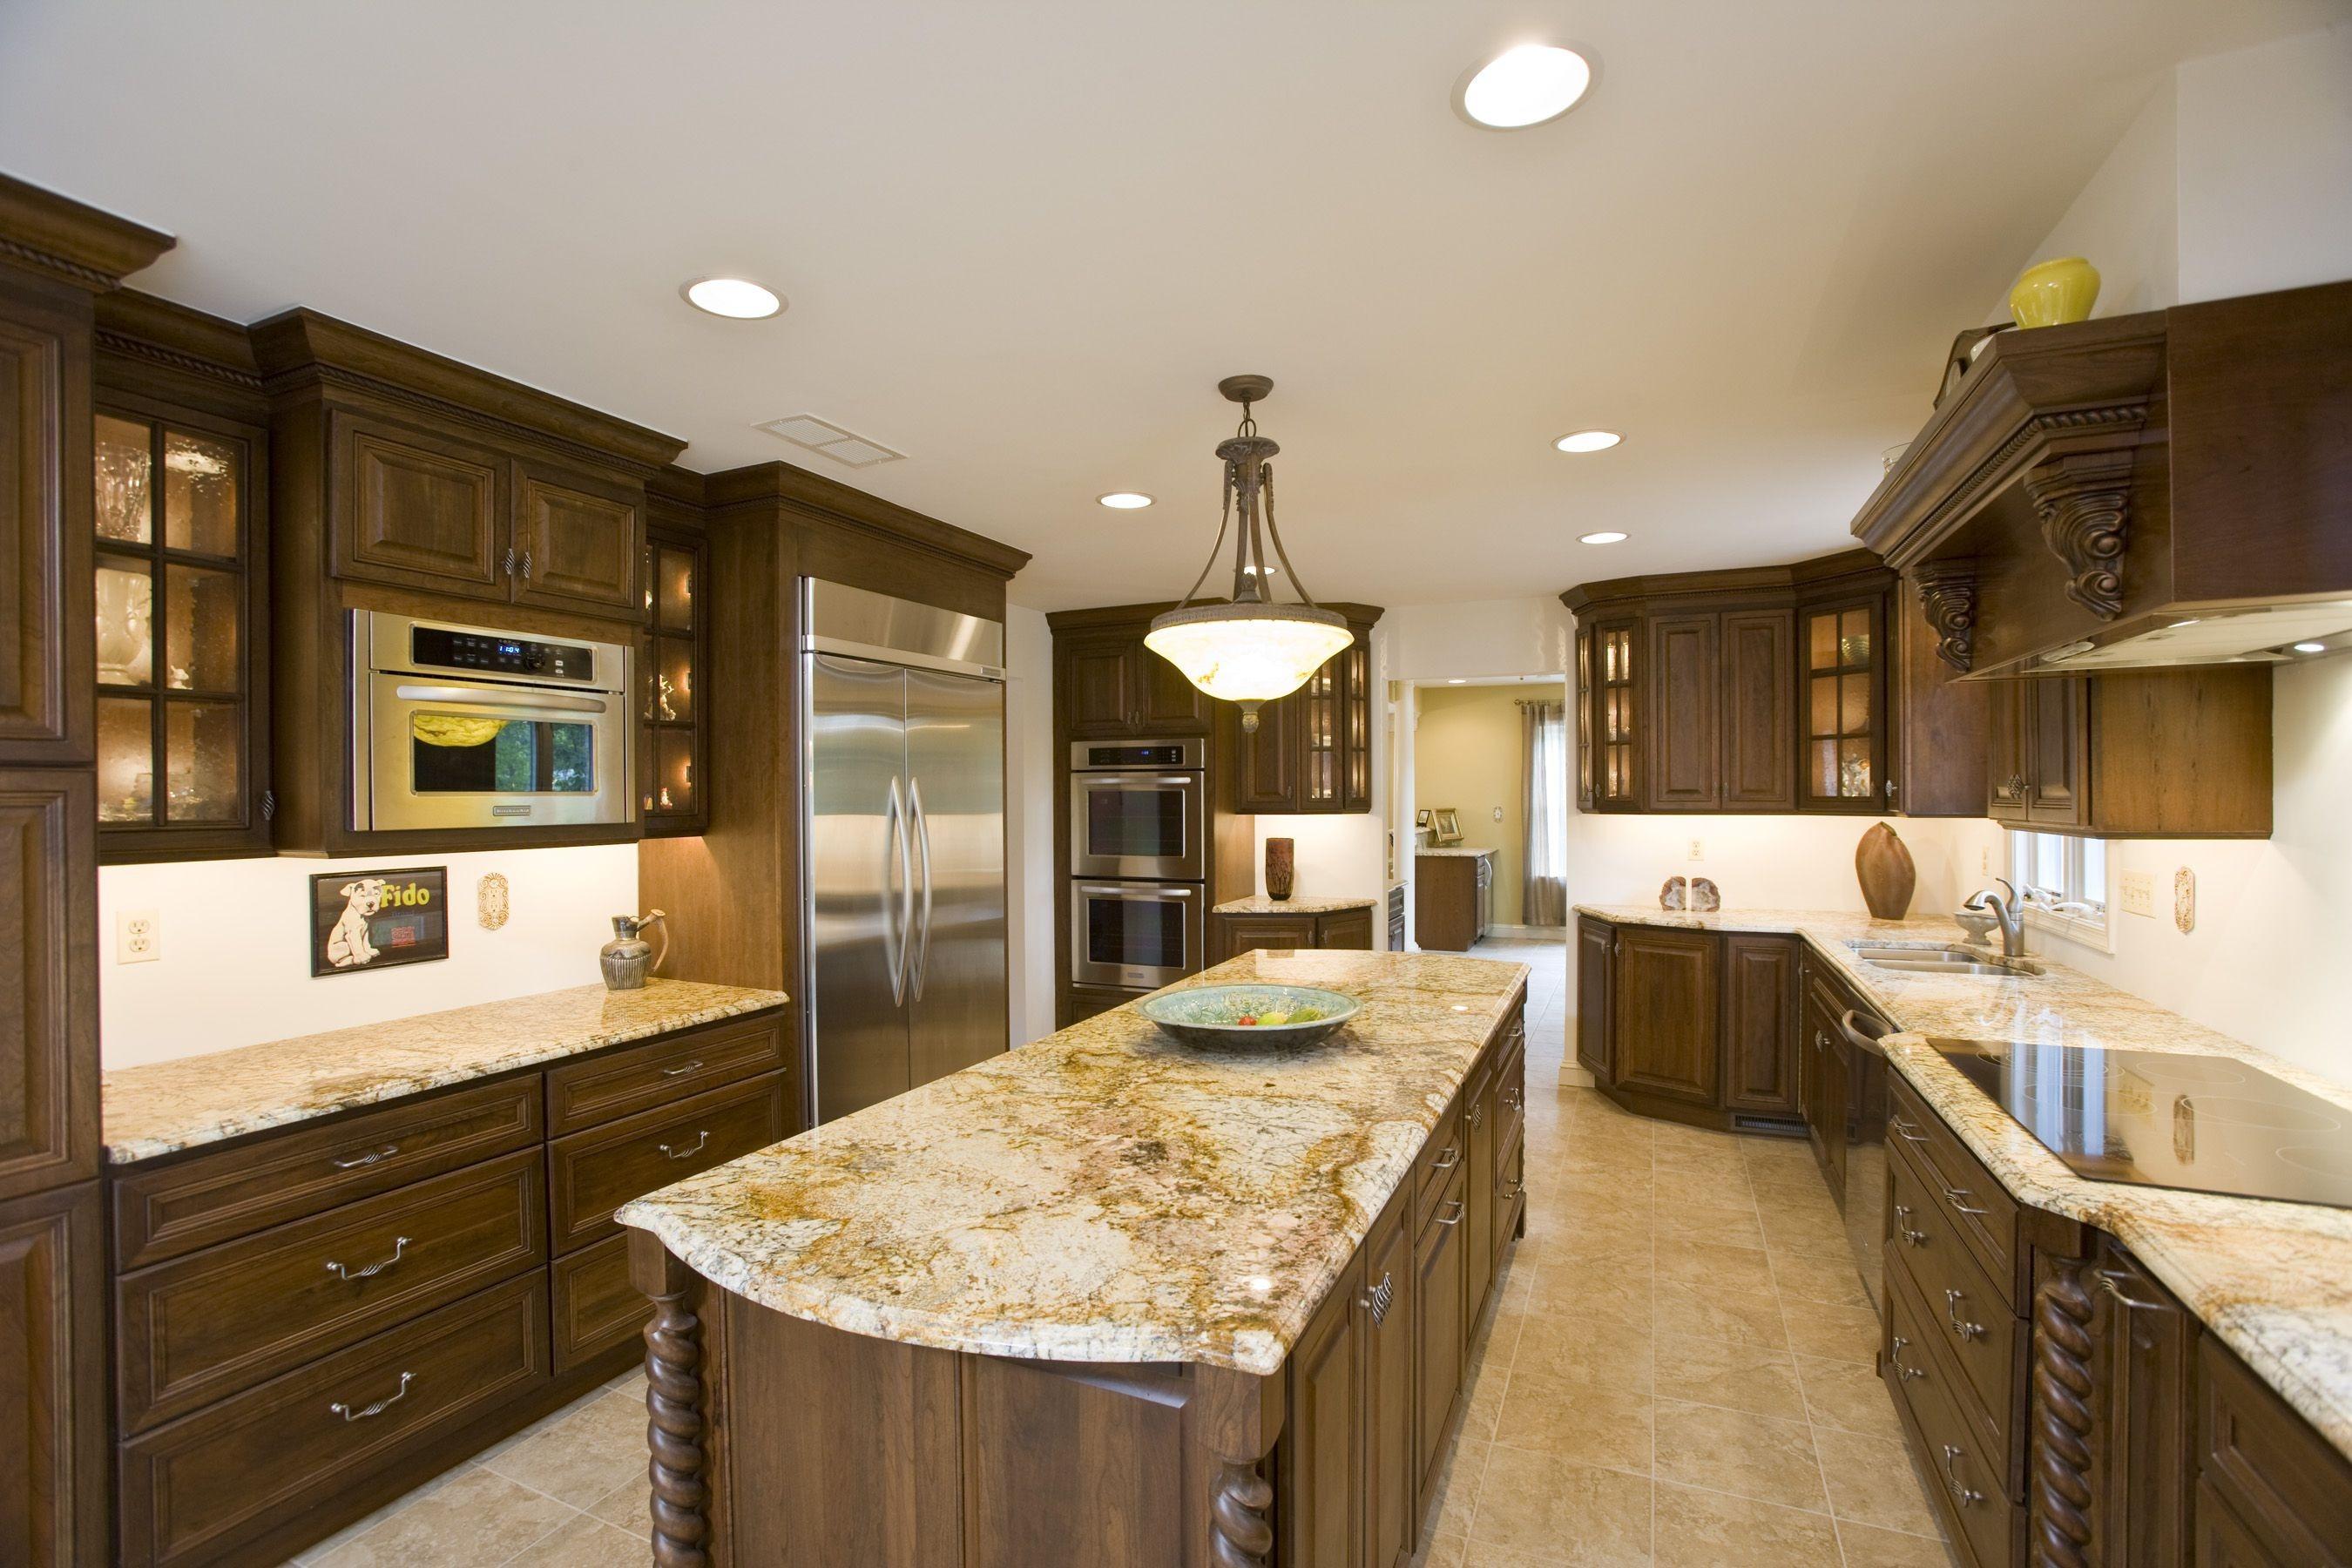 طراحی آشپزخانه سازگار با محیط زیست